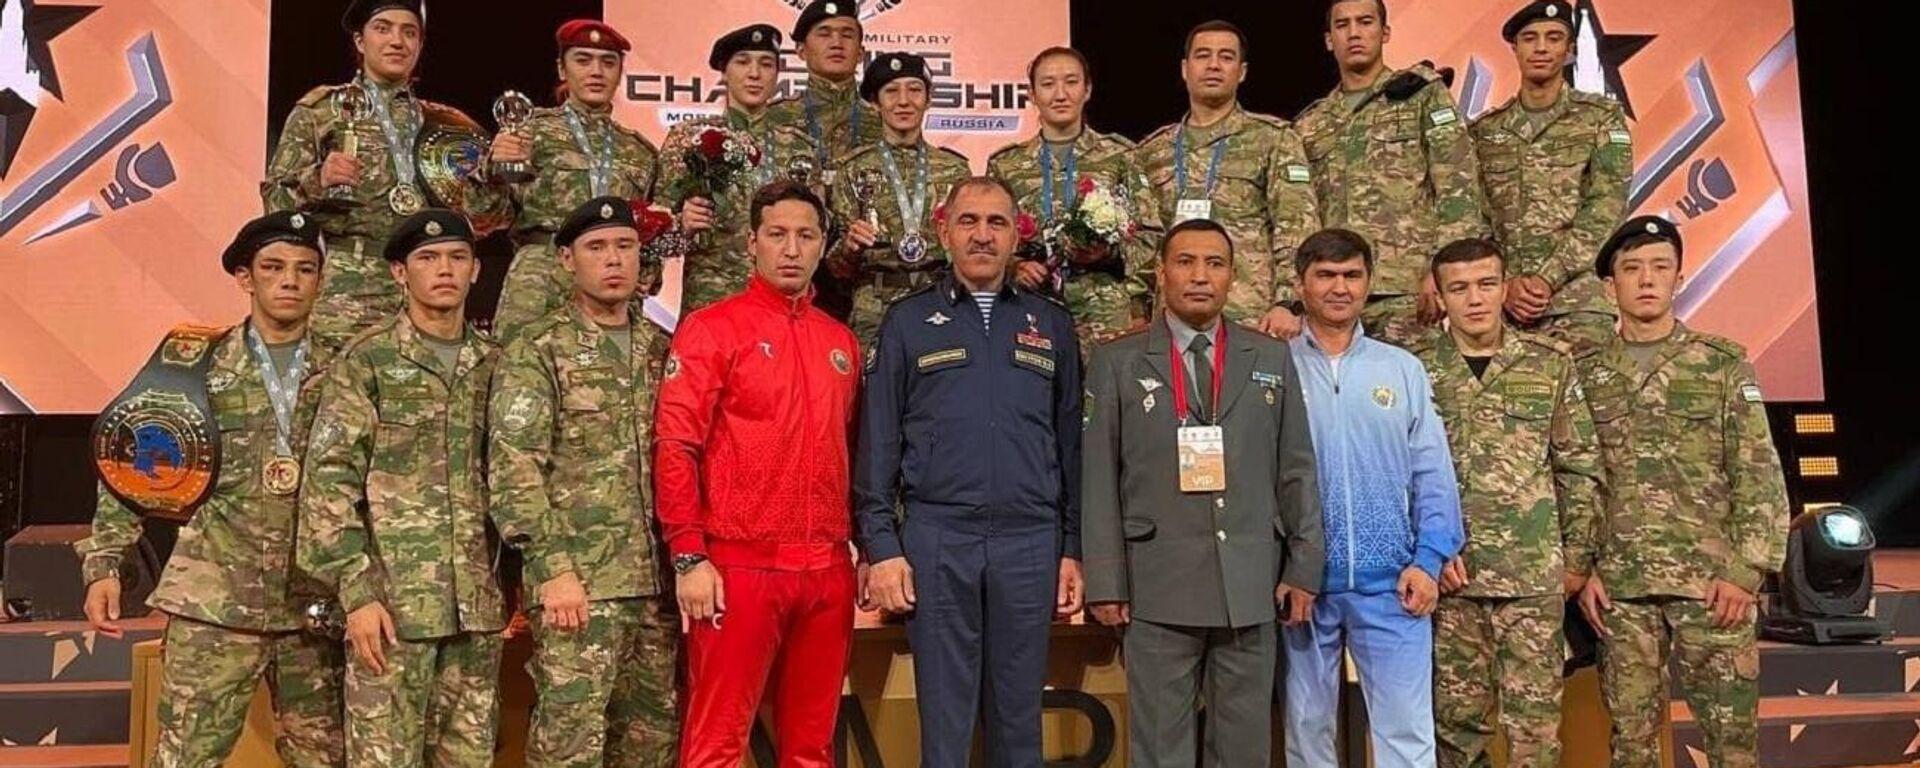 Представители Узбекистана на чемпионате мира по боксу среди военных завоевали 7 медалей - Sputnik Ўзбекистон, 1920, 26.09.2021